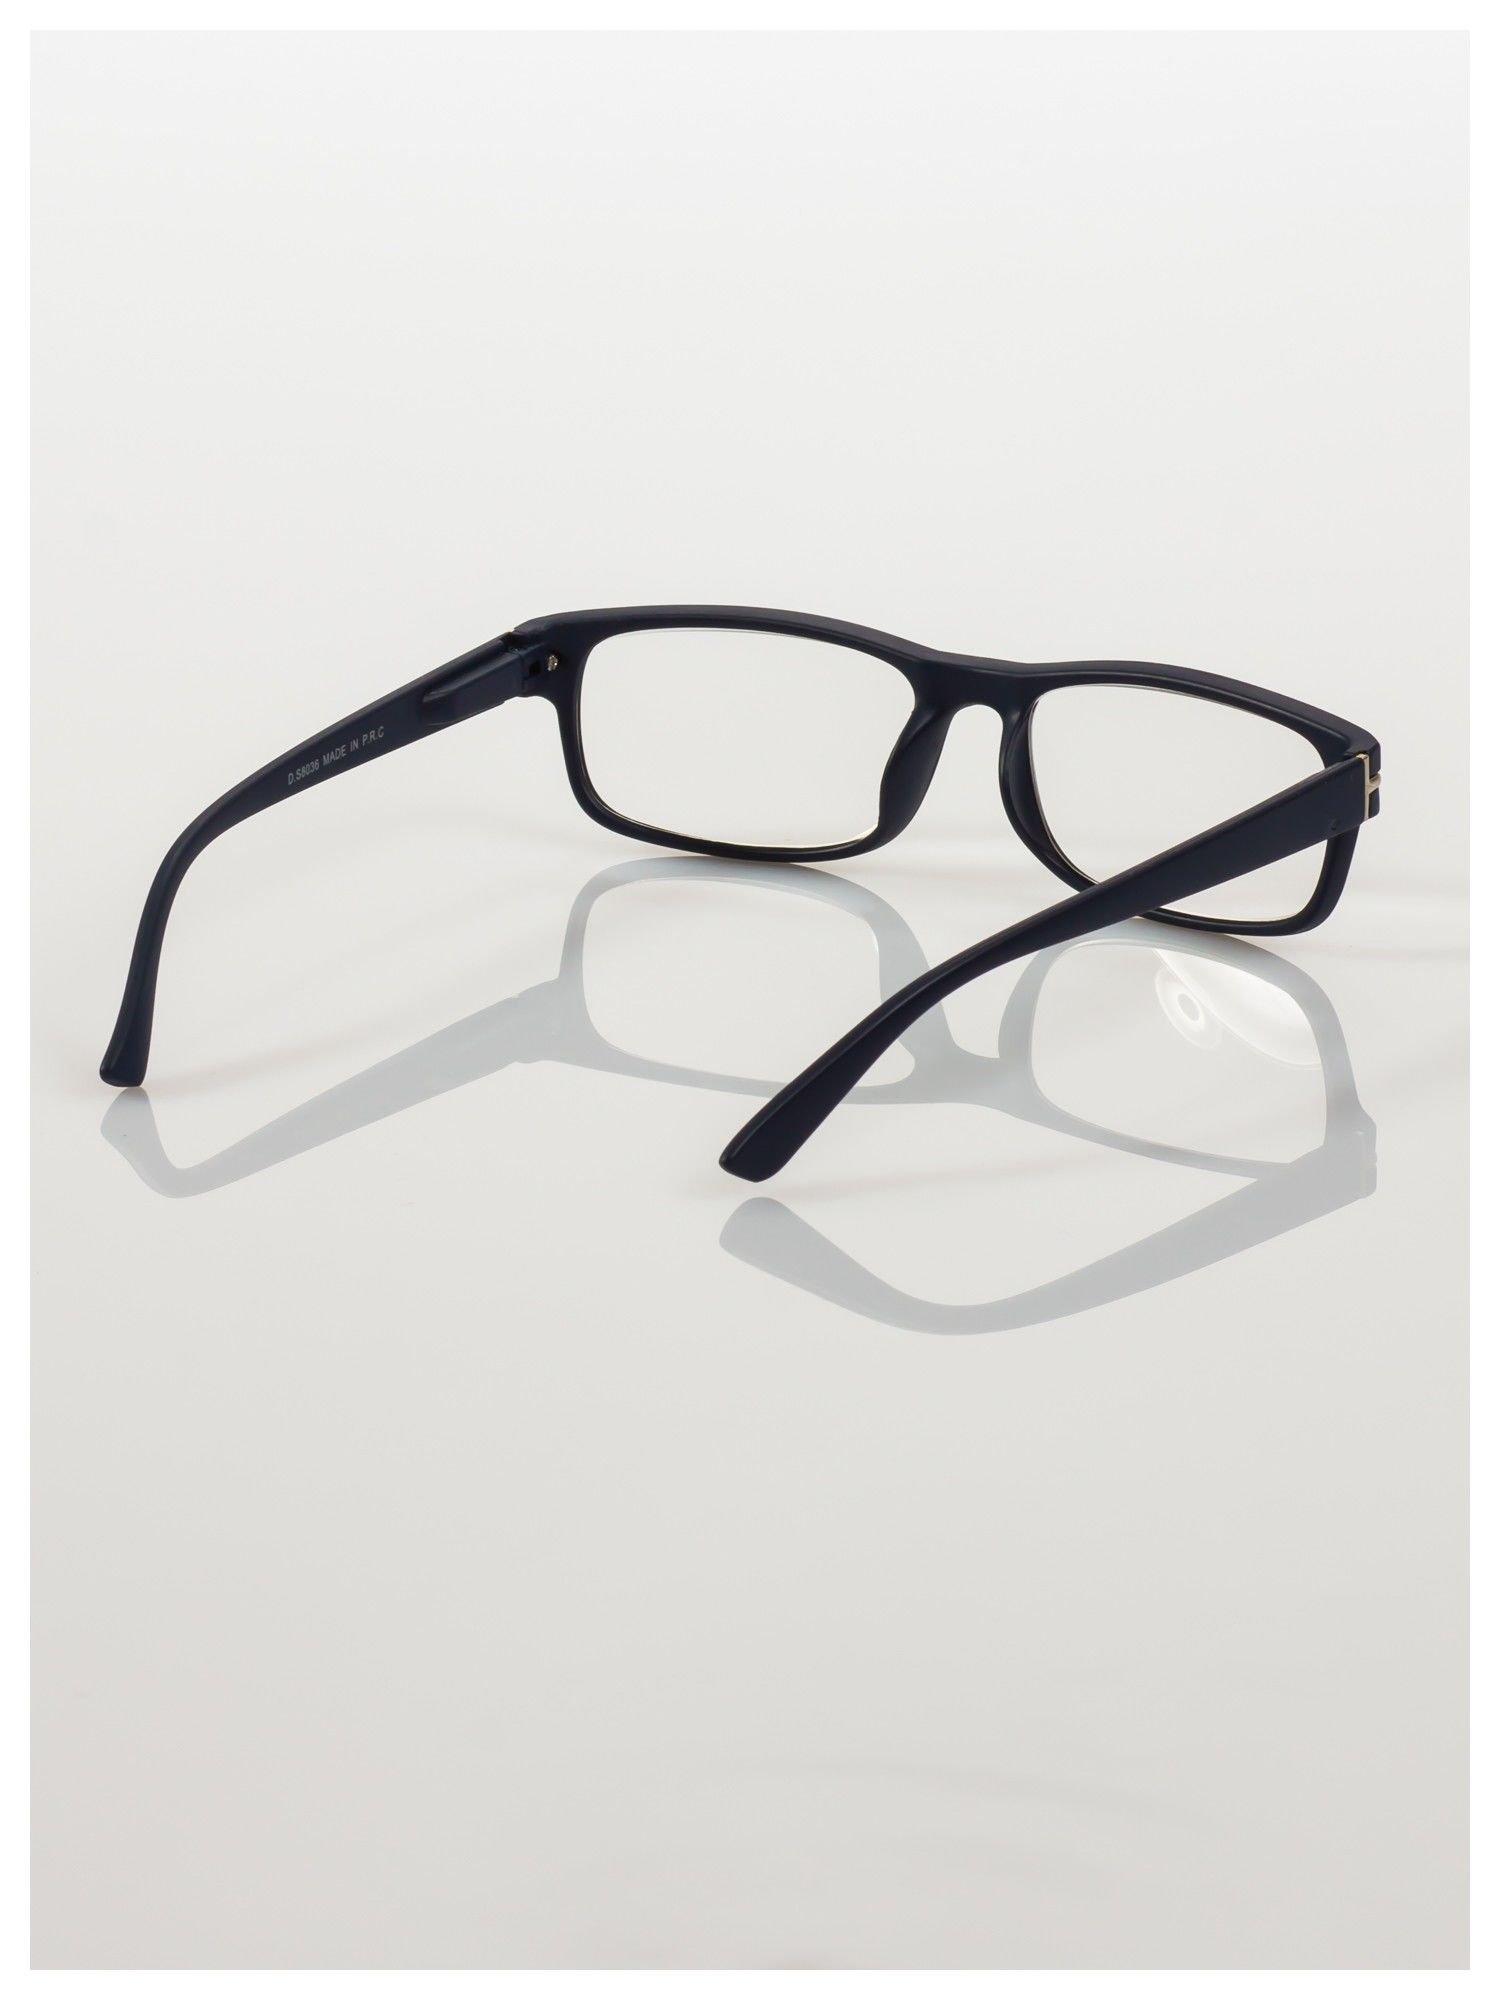 Eleganckie czarne matowe korekcyjne okulary do czytania +2.0 D  z sytemem FLEX na zausznikach                                  zdj.                                  4